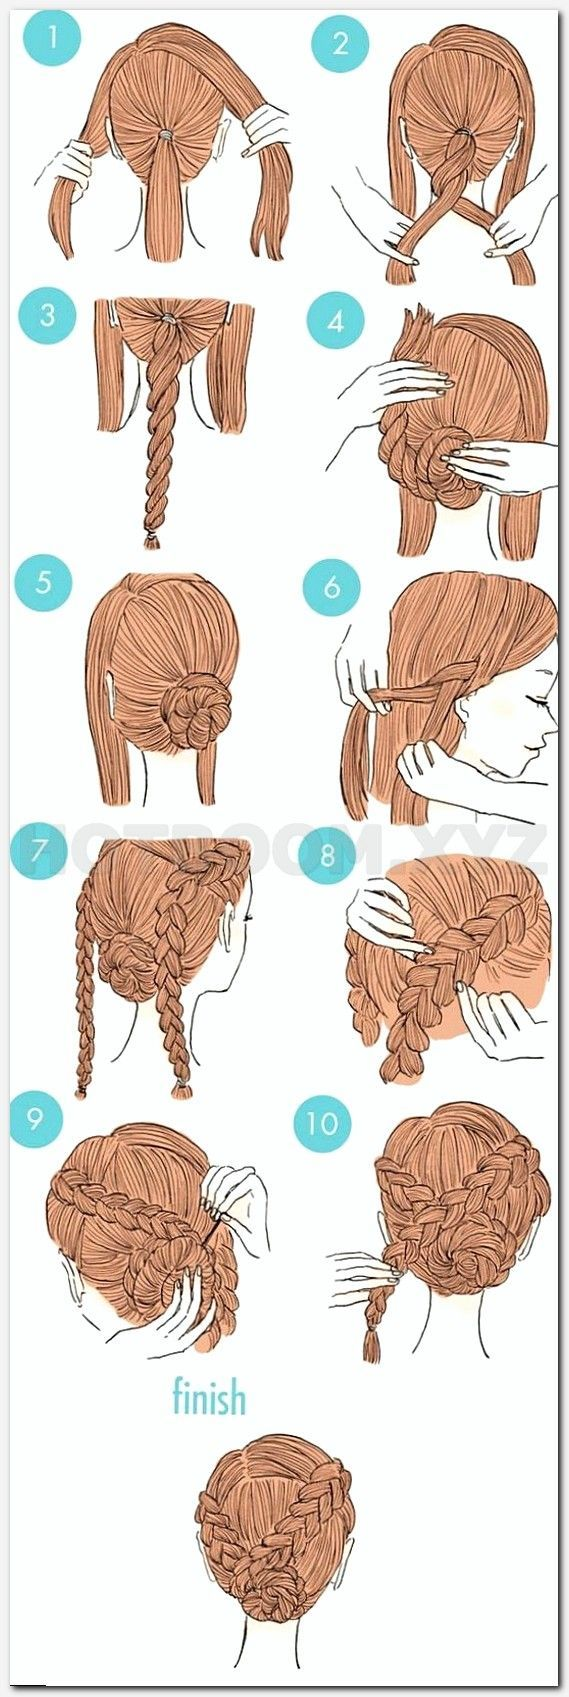 Hairstyles For Short Thin Hair Long Layered Hair For Round Faces Flower Hairstyle Haircuts For Mid Gaya Rambut Kepang Gaya Rambut Pelajar Gaya Rambut Simpel